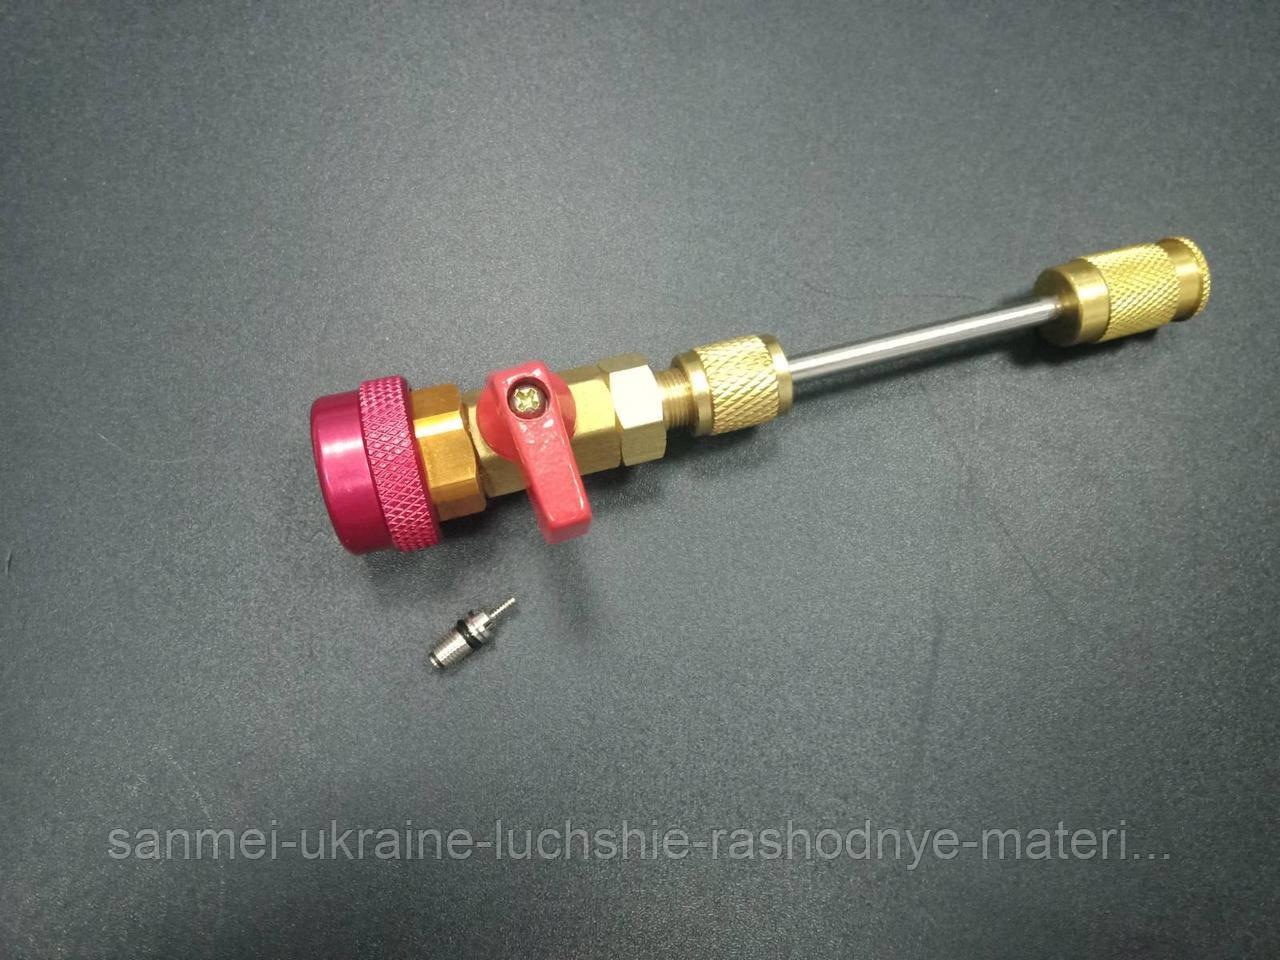 Съемник для замены ниппеля, золотника под высоким давлением